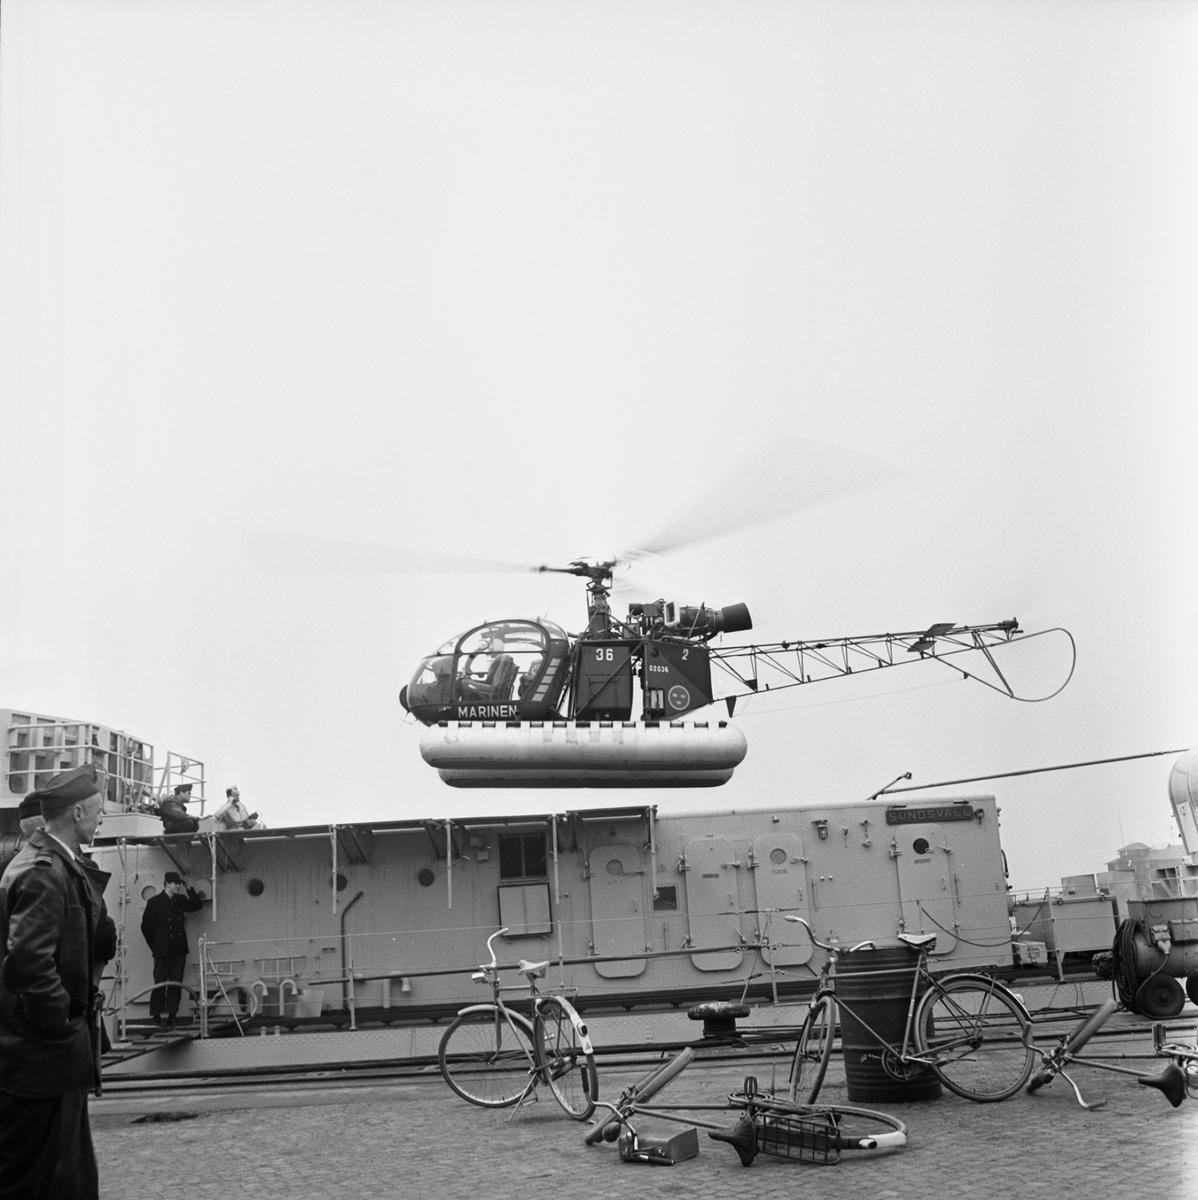 Övrigt: Fotodatum 9/11 1966 Byggnader och Kranar Freg. Sundsvall helikopterdäck. Närmast identisk bild: V37441 och V37442, ej skannade